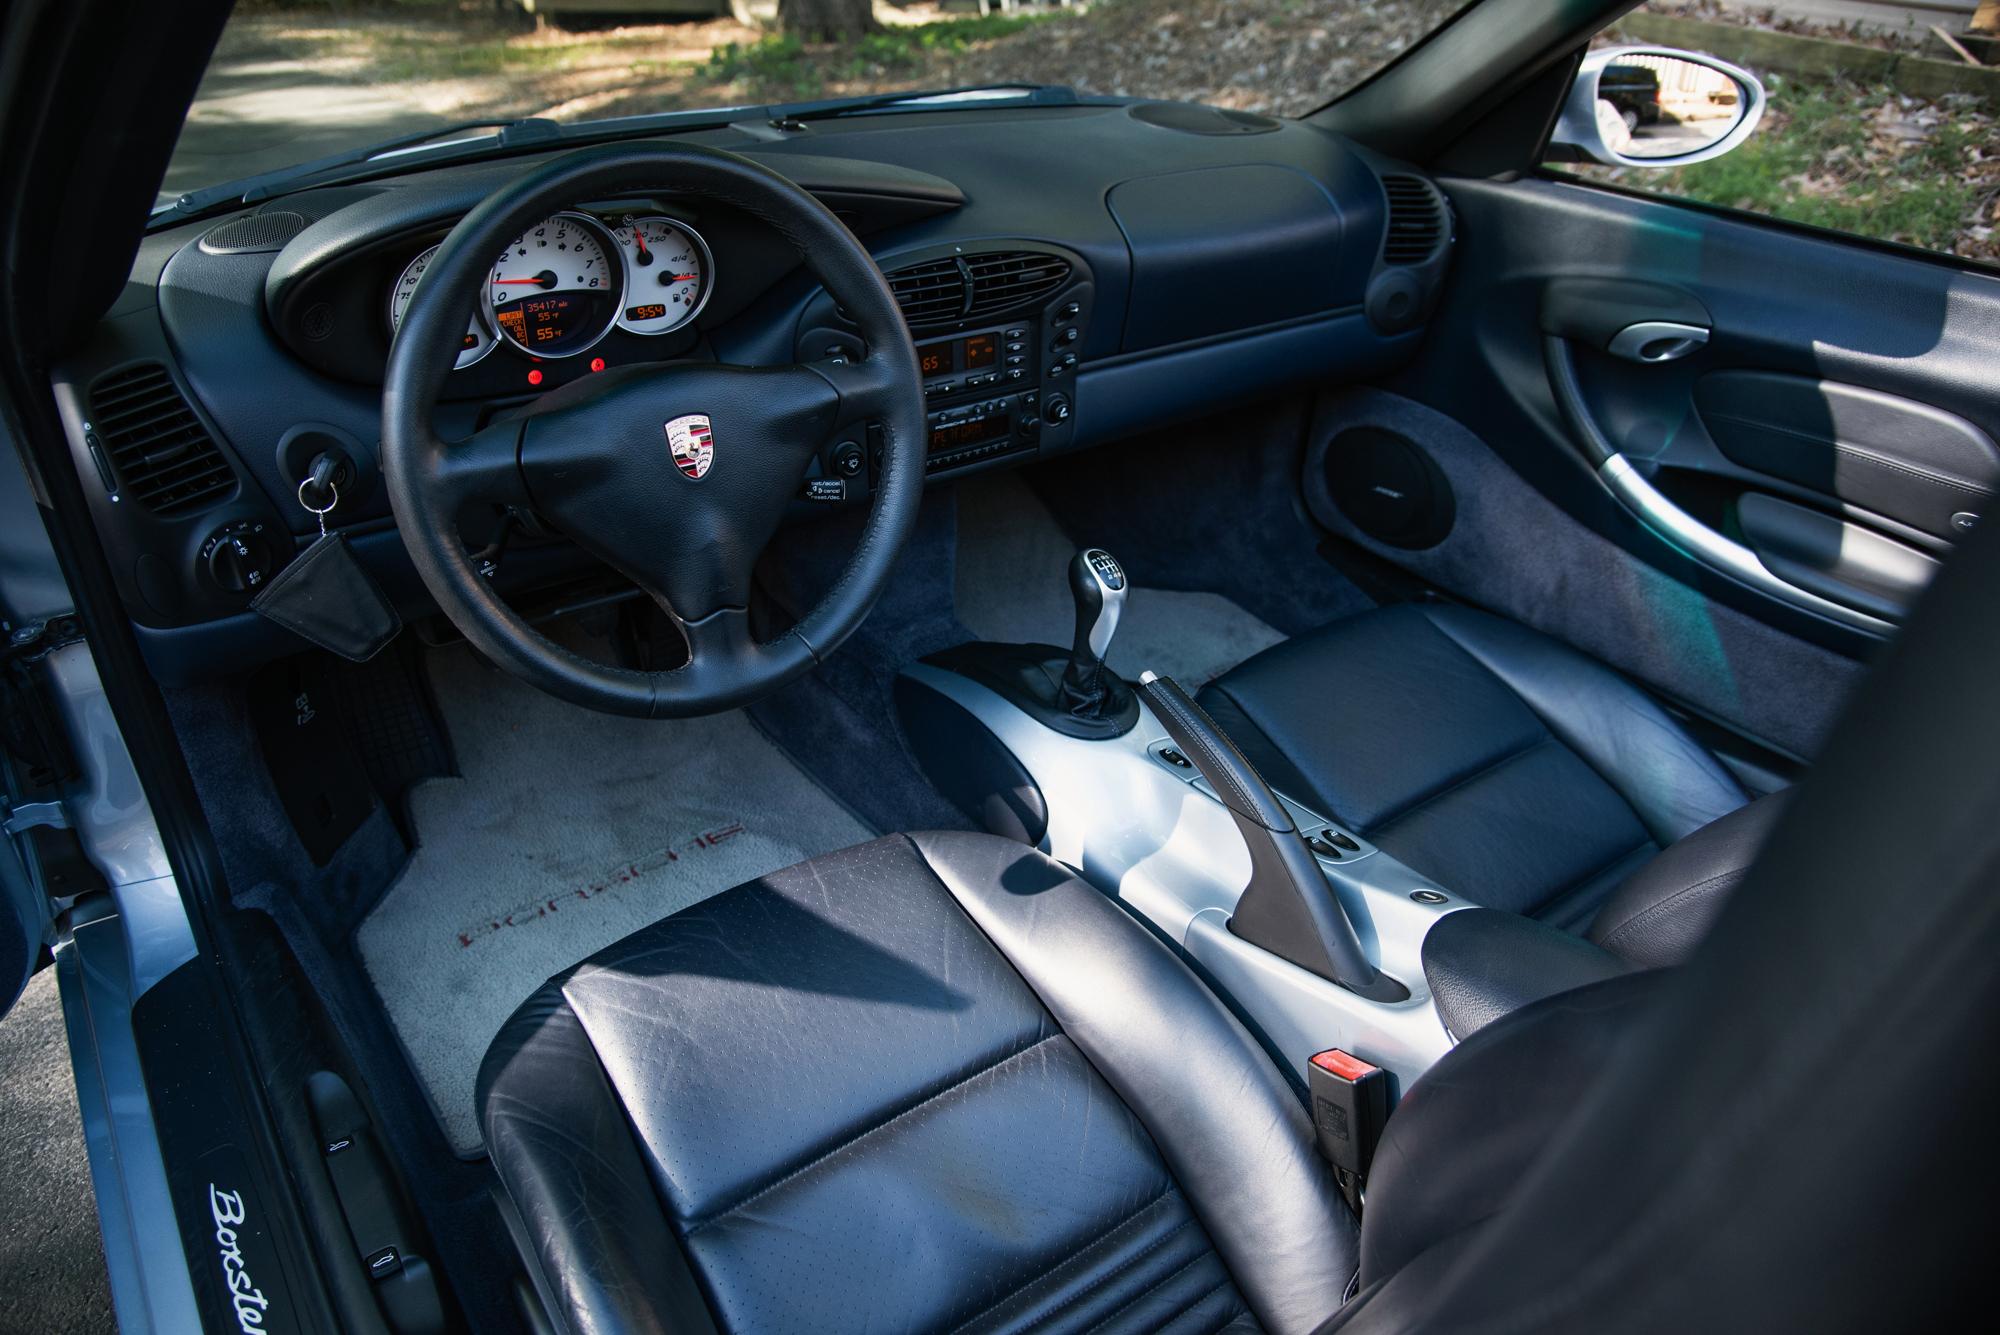 2002 Porsche Boxter S interior